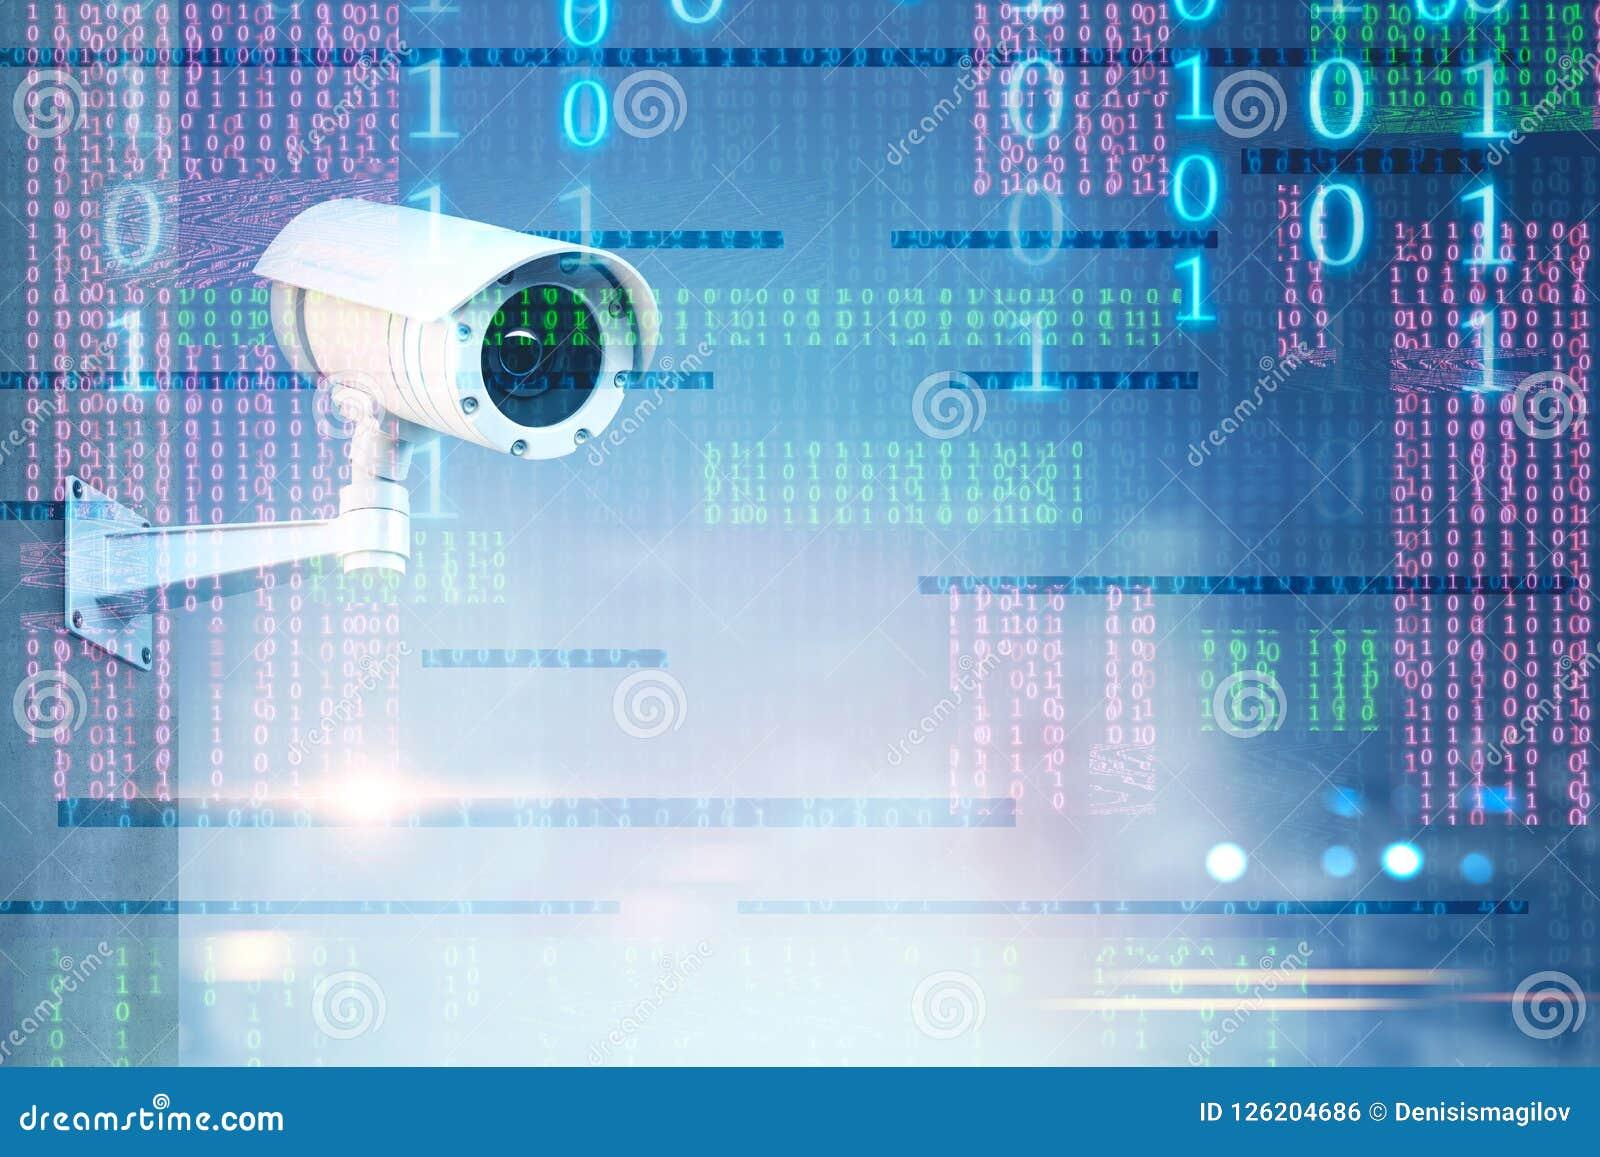 Überwachungskamera über Binärzahlschnittstelle